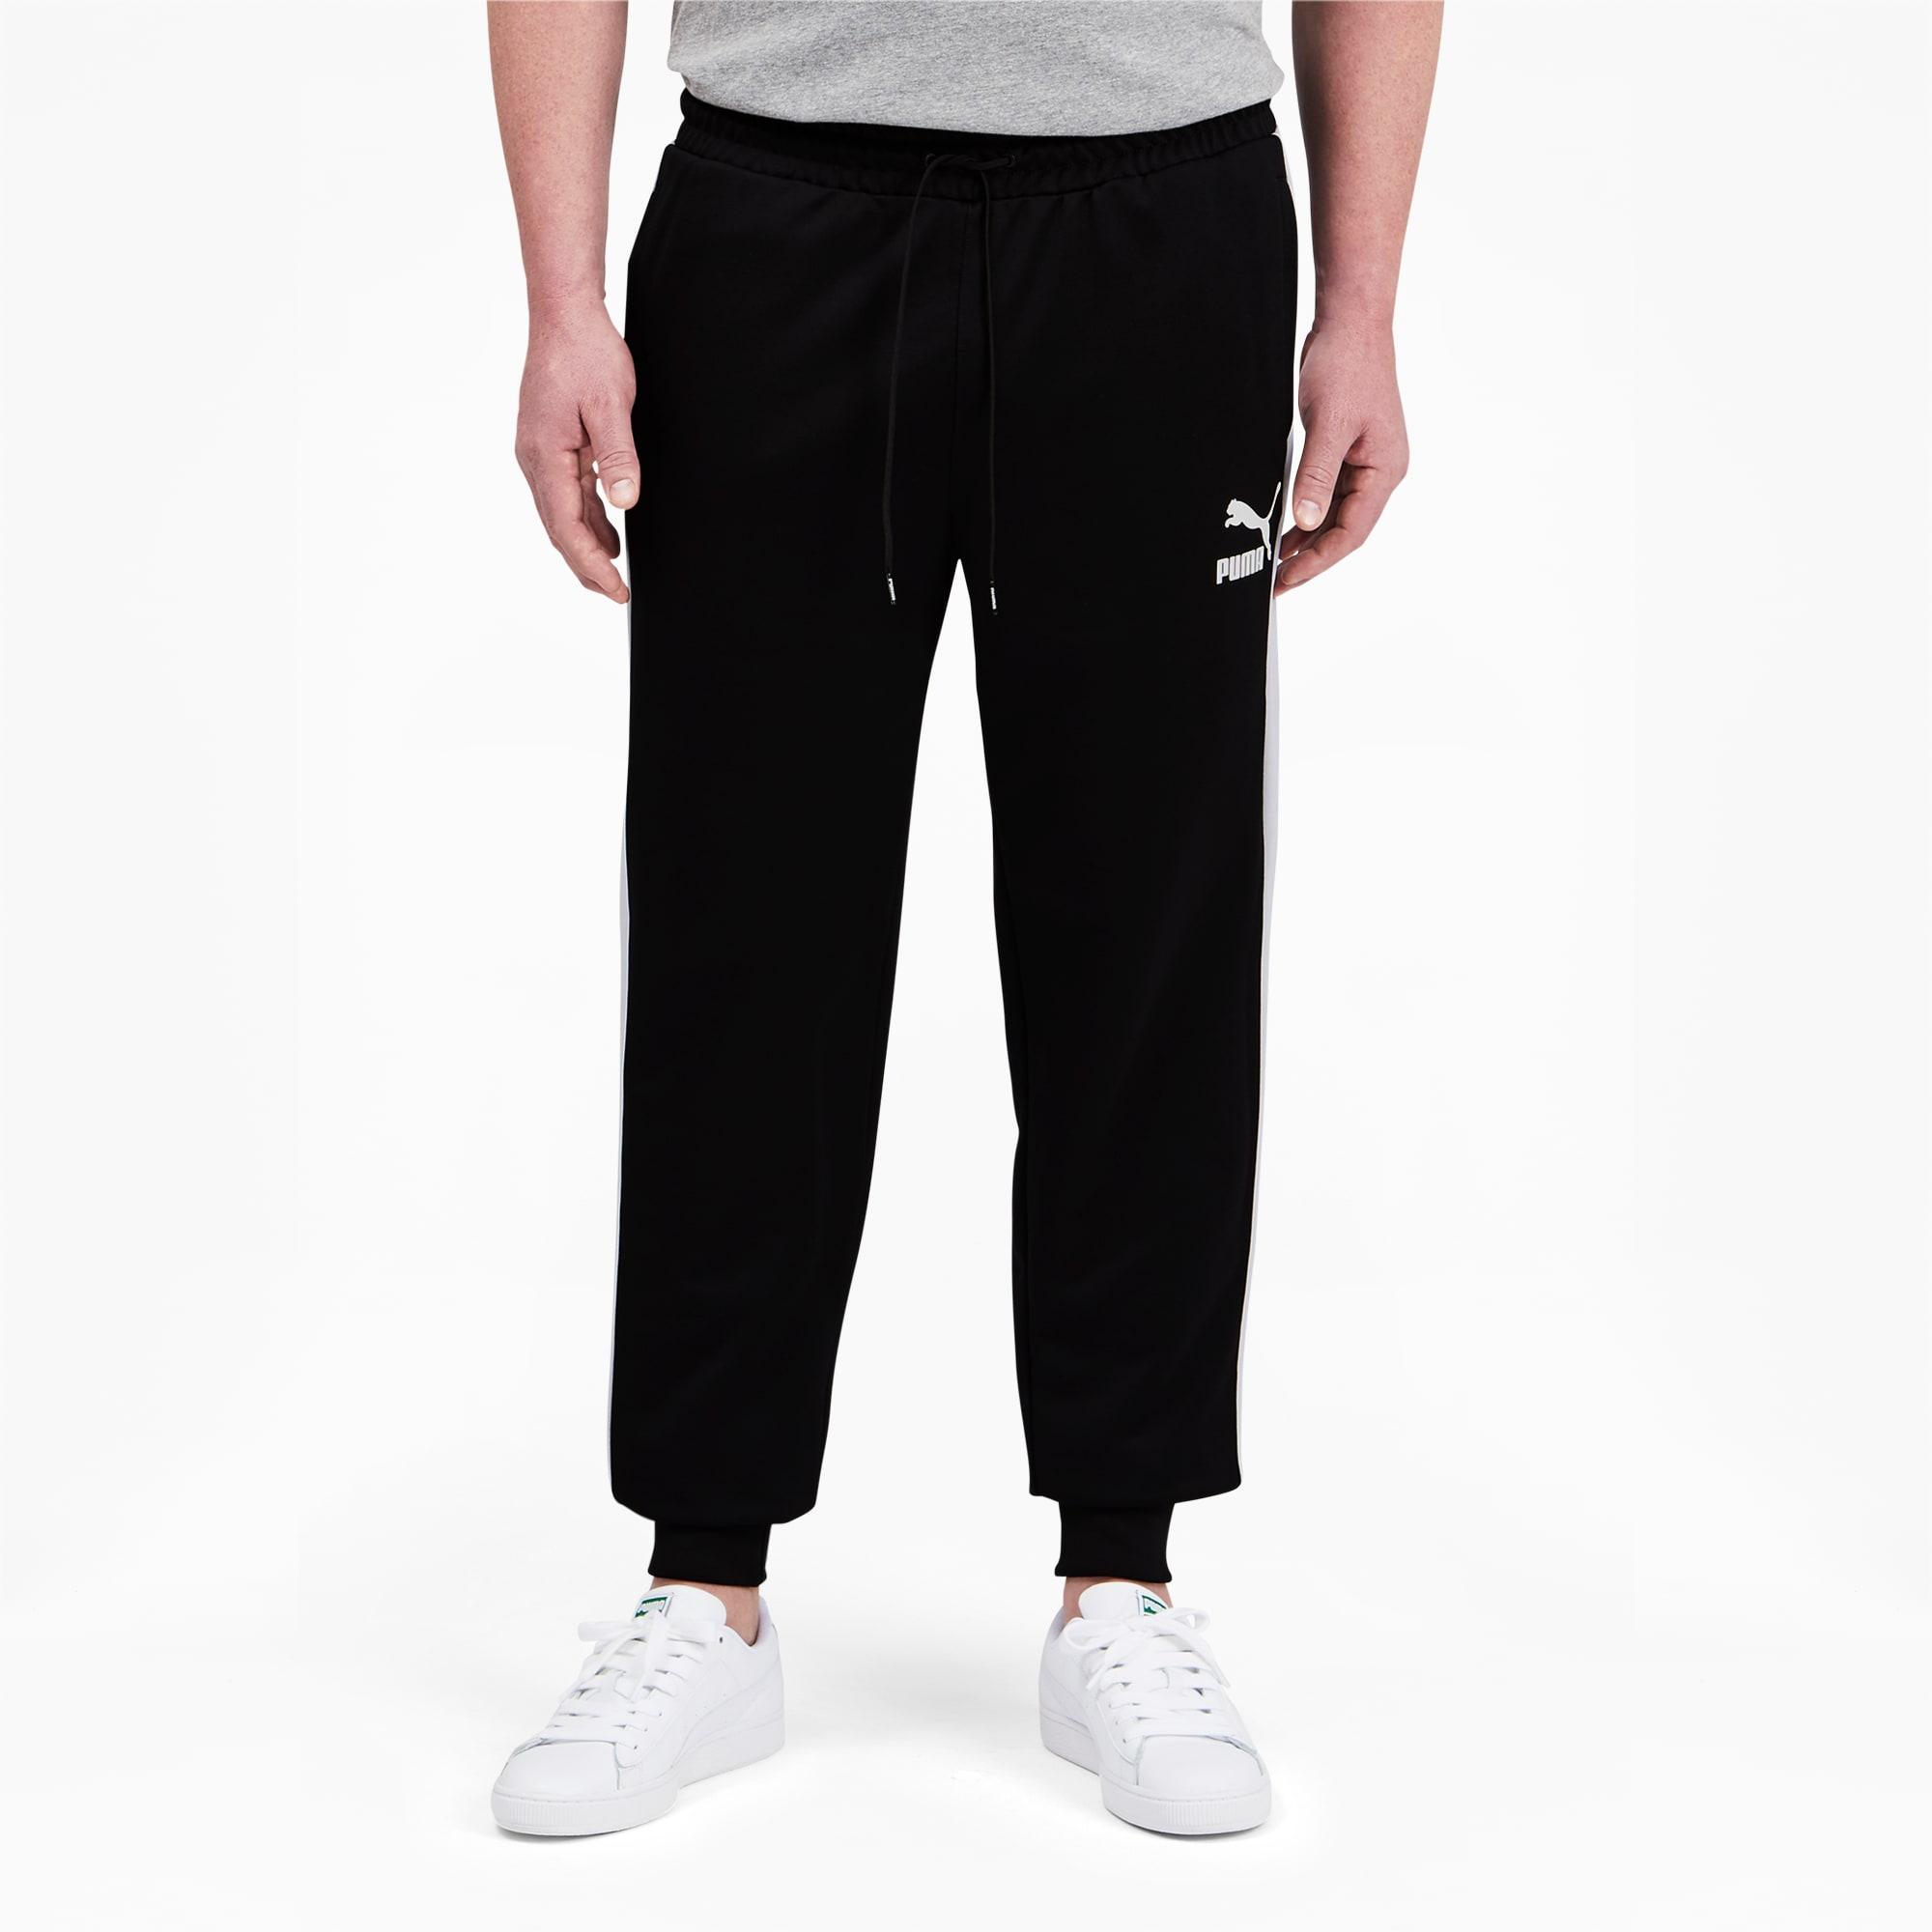 Iconic T7 Men's Track Pants BT